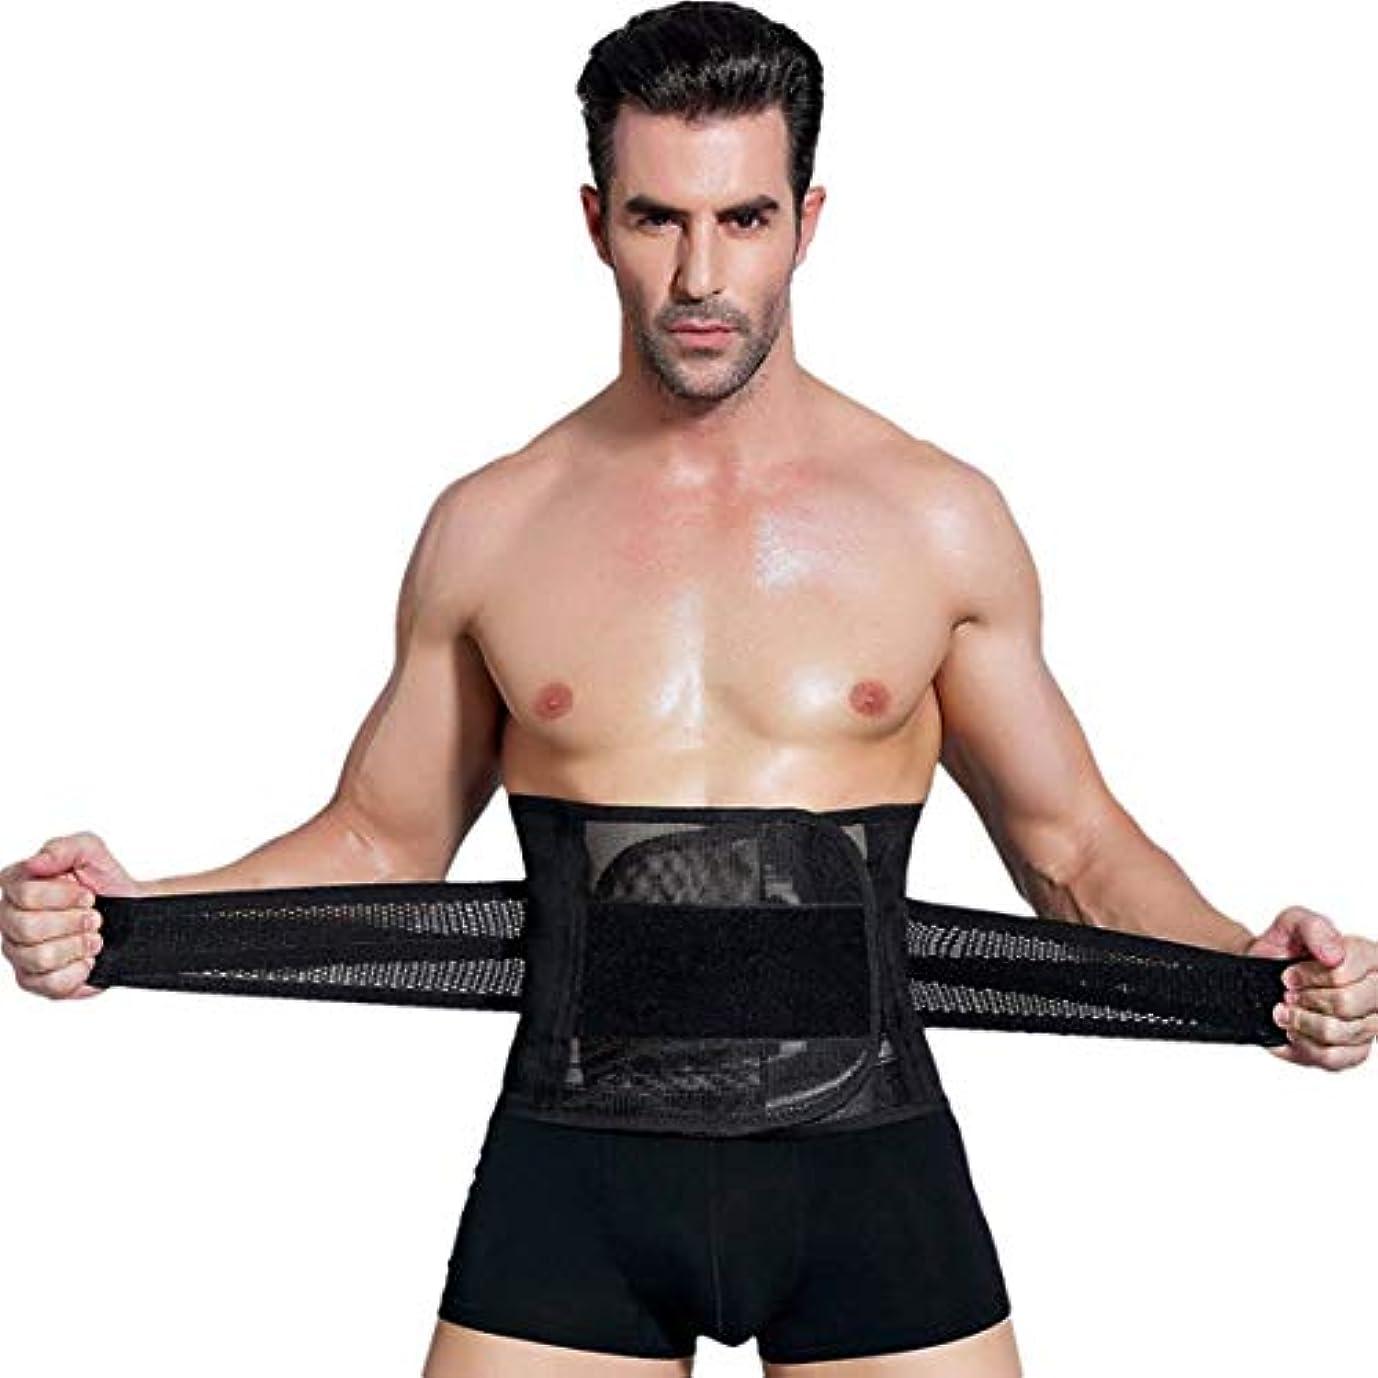 適応する自分のために合金男性ボディシェイパーコルセット腹部おなかコントロールウエストトレーナーニッパー脂肪燃焼ガードル痩身腹ベルト用男性 - ブラックXXL